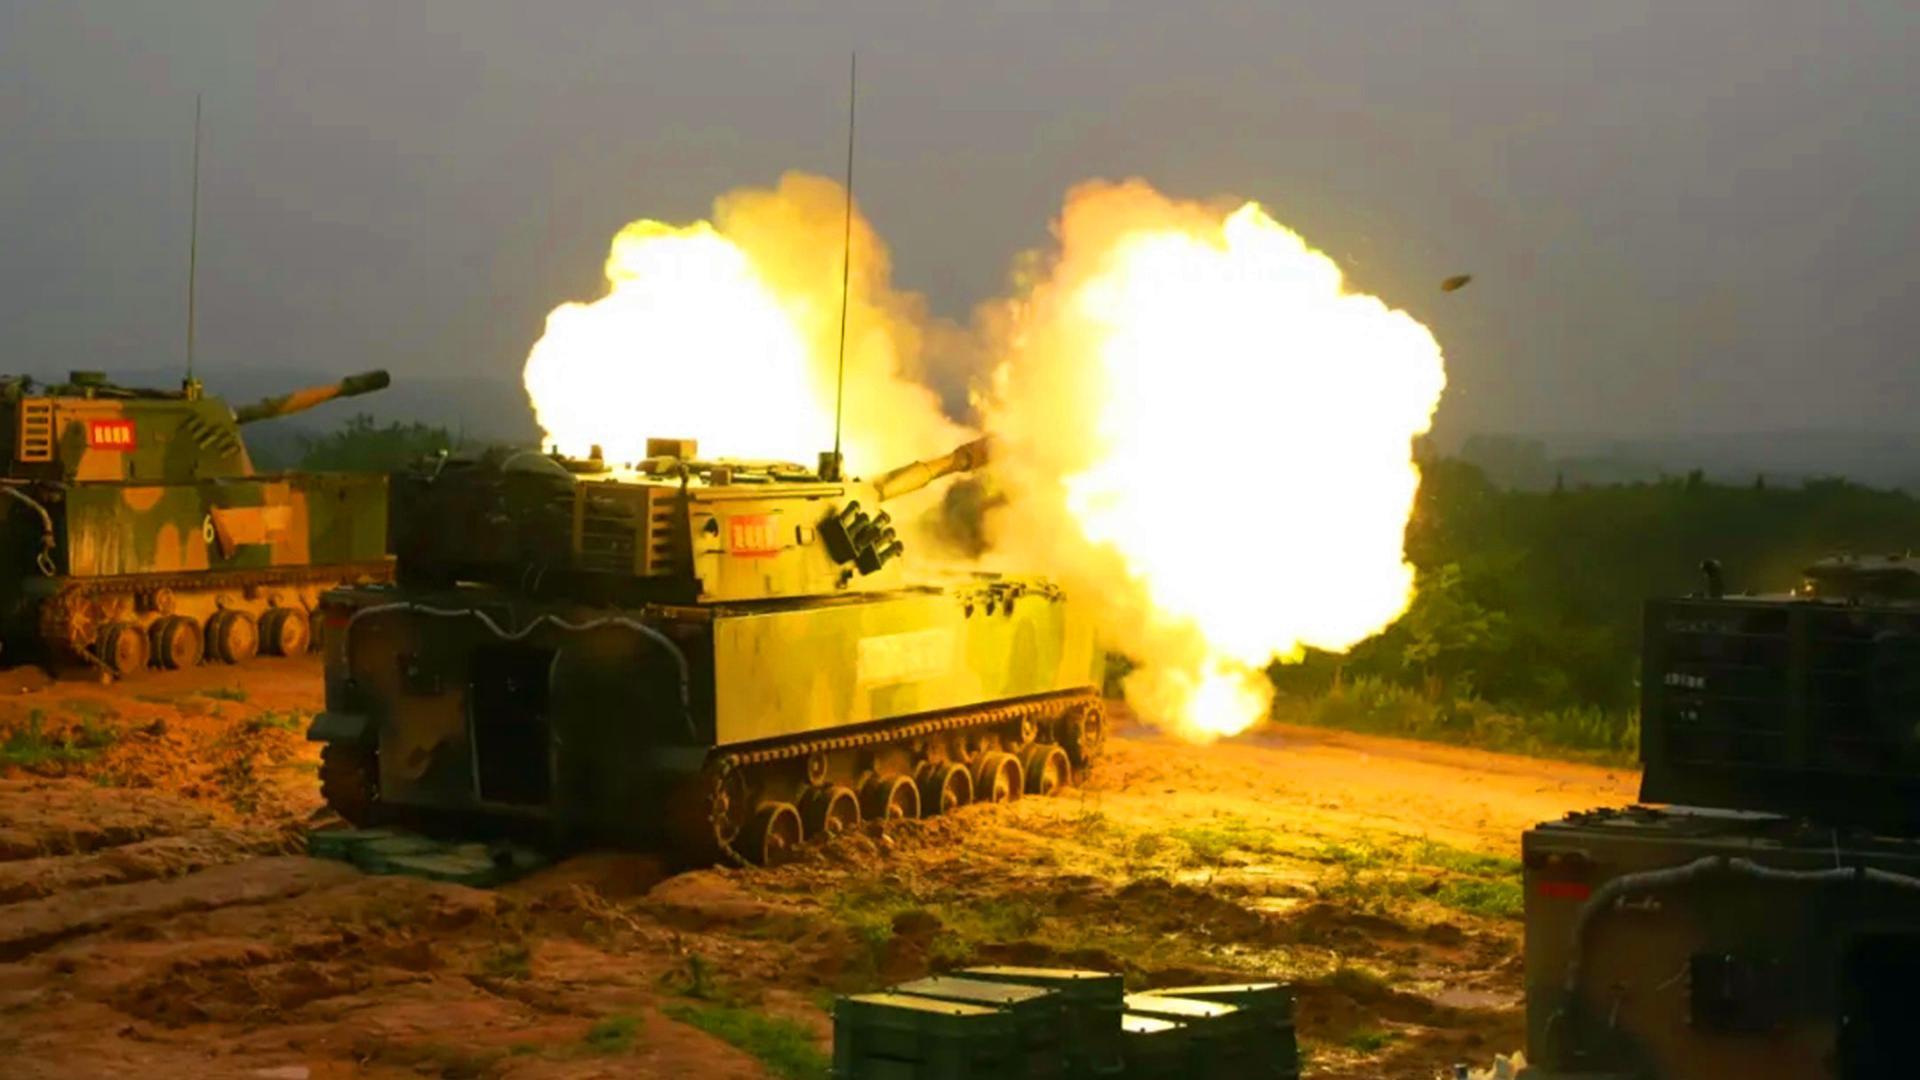 镇守东南沿海的73集团军某炮兵分队,整体打击能力到底有多恐怖?